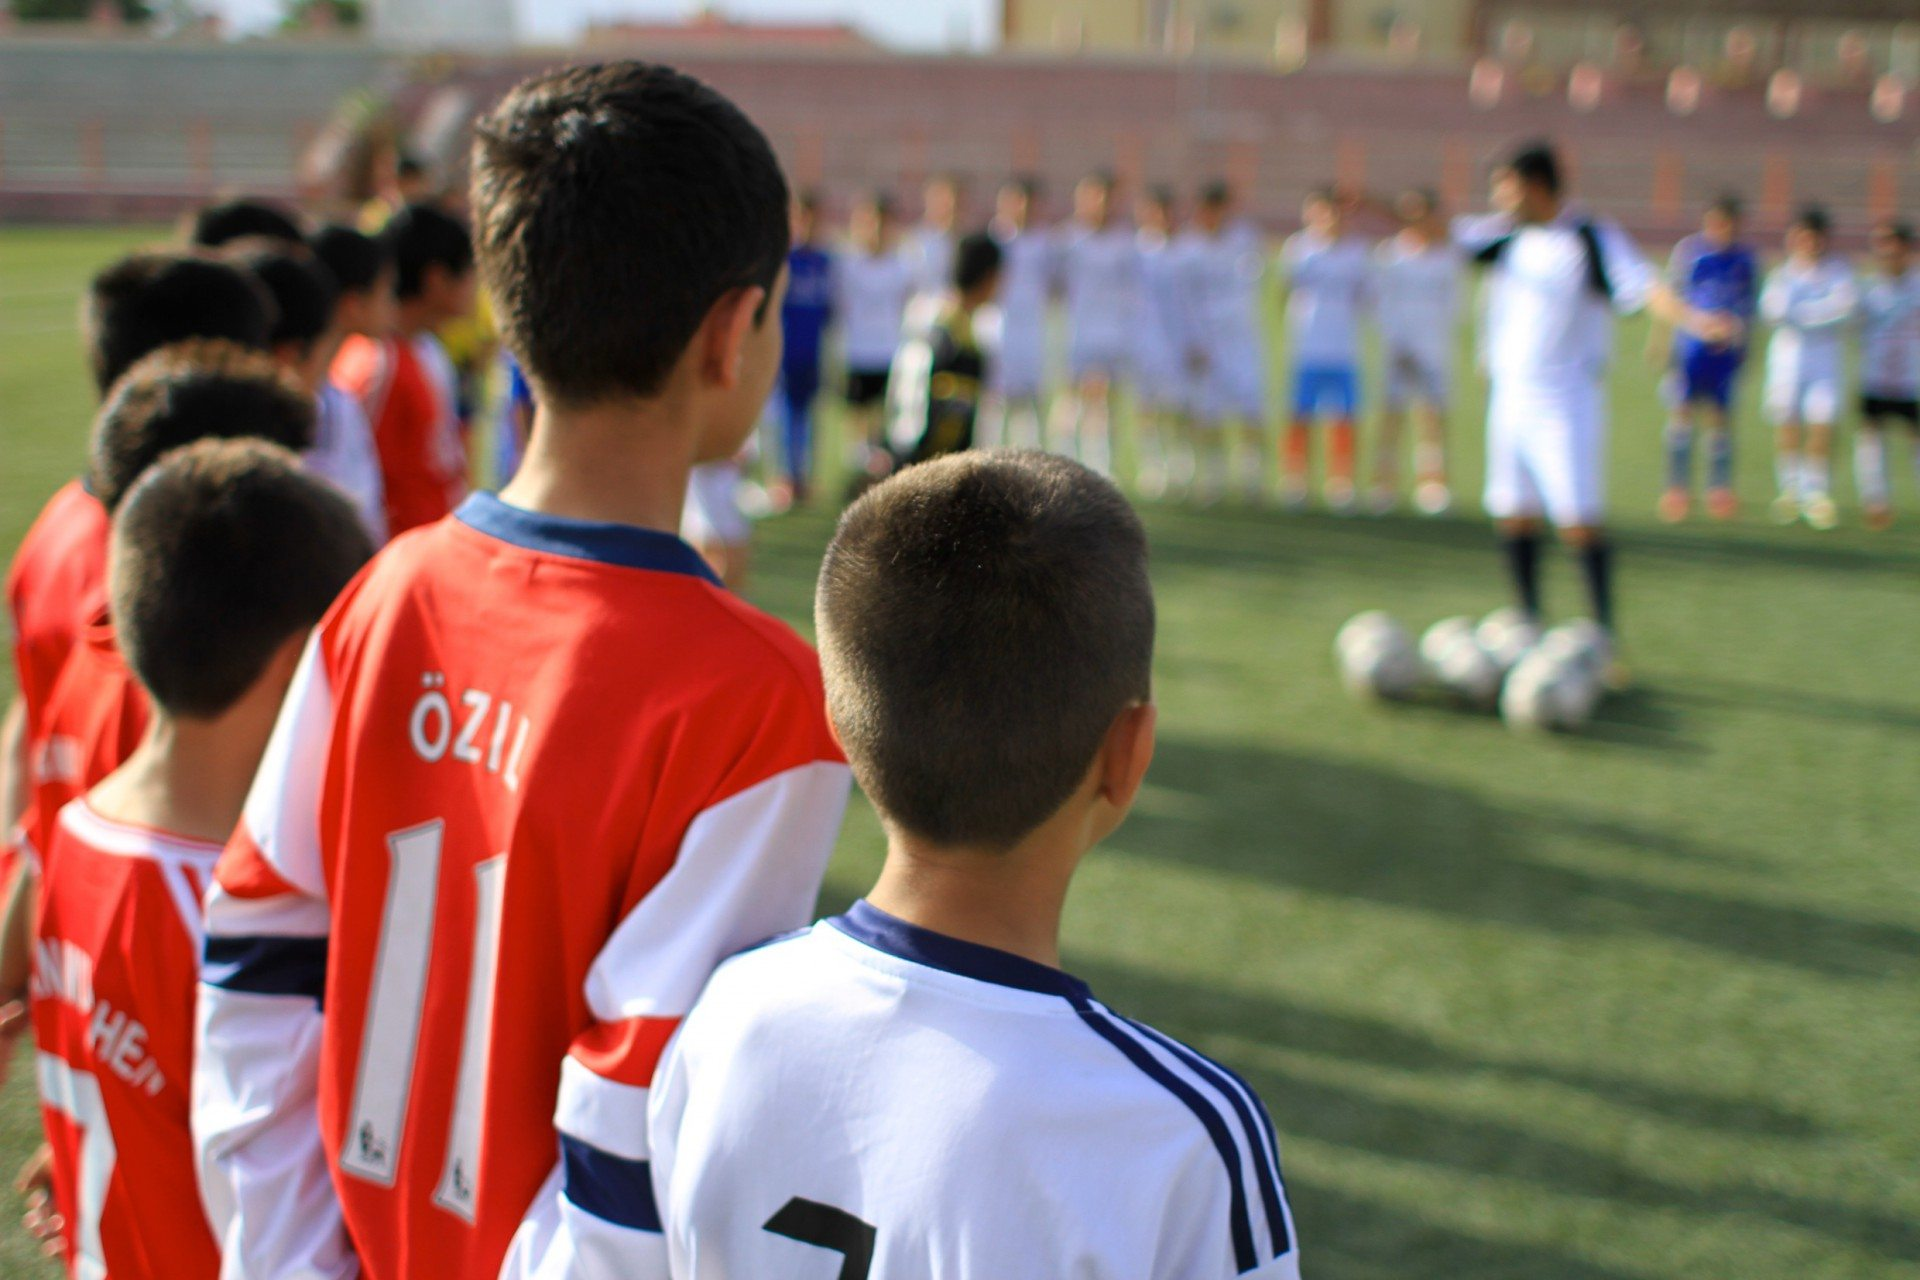 Die Fußballer.  Beim Training im Ghazi Stadion von Kabul